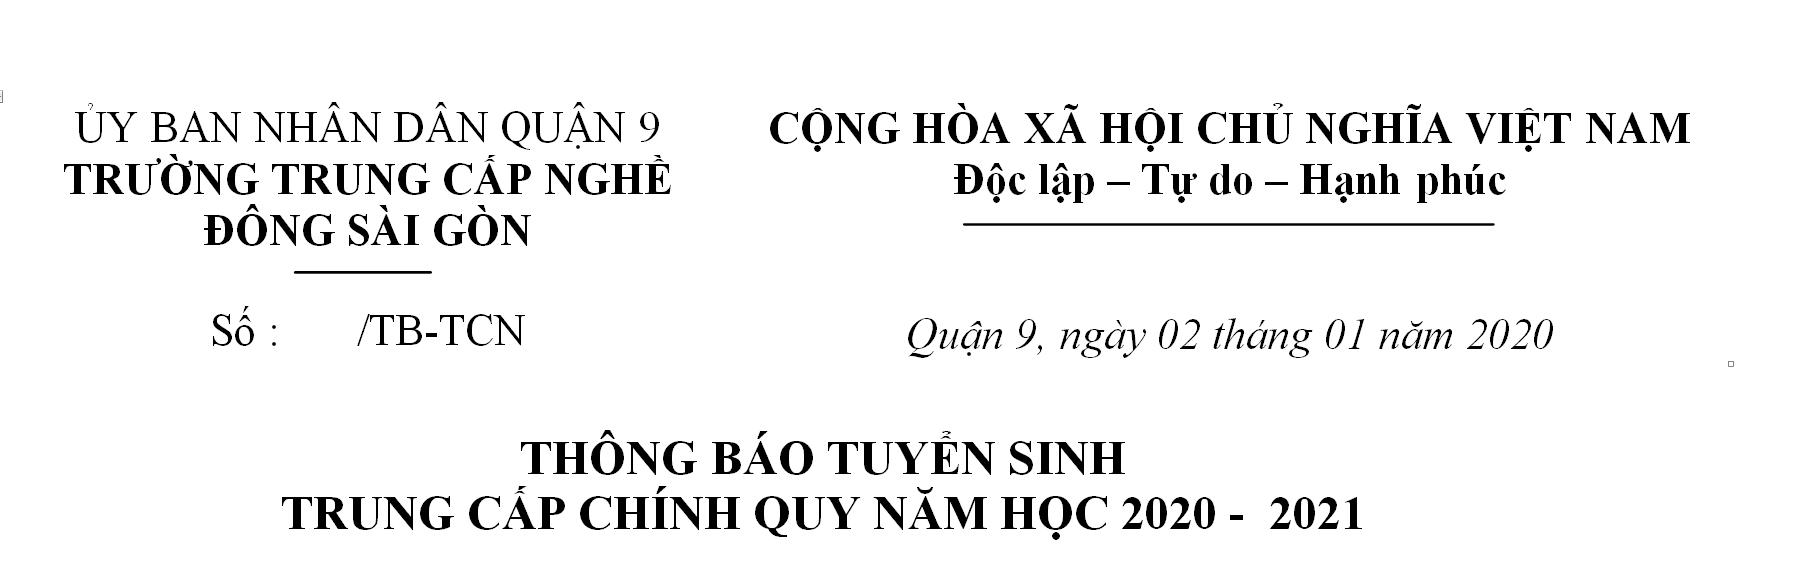 tcn-dsg-thong-bao-tuyen-sinh-0